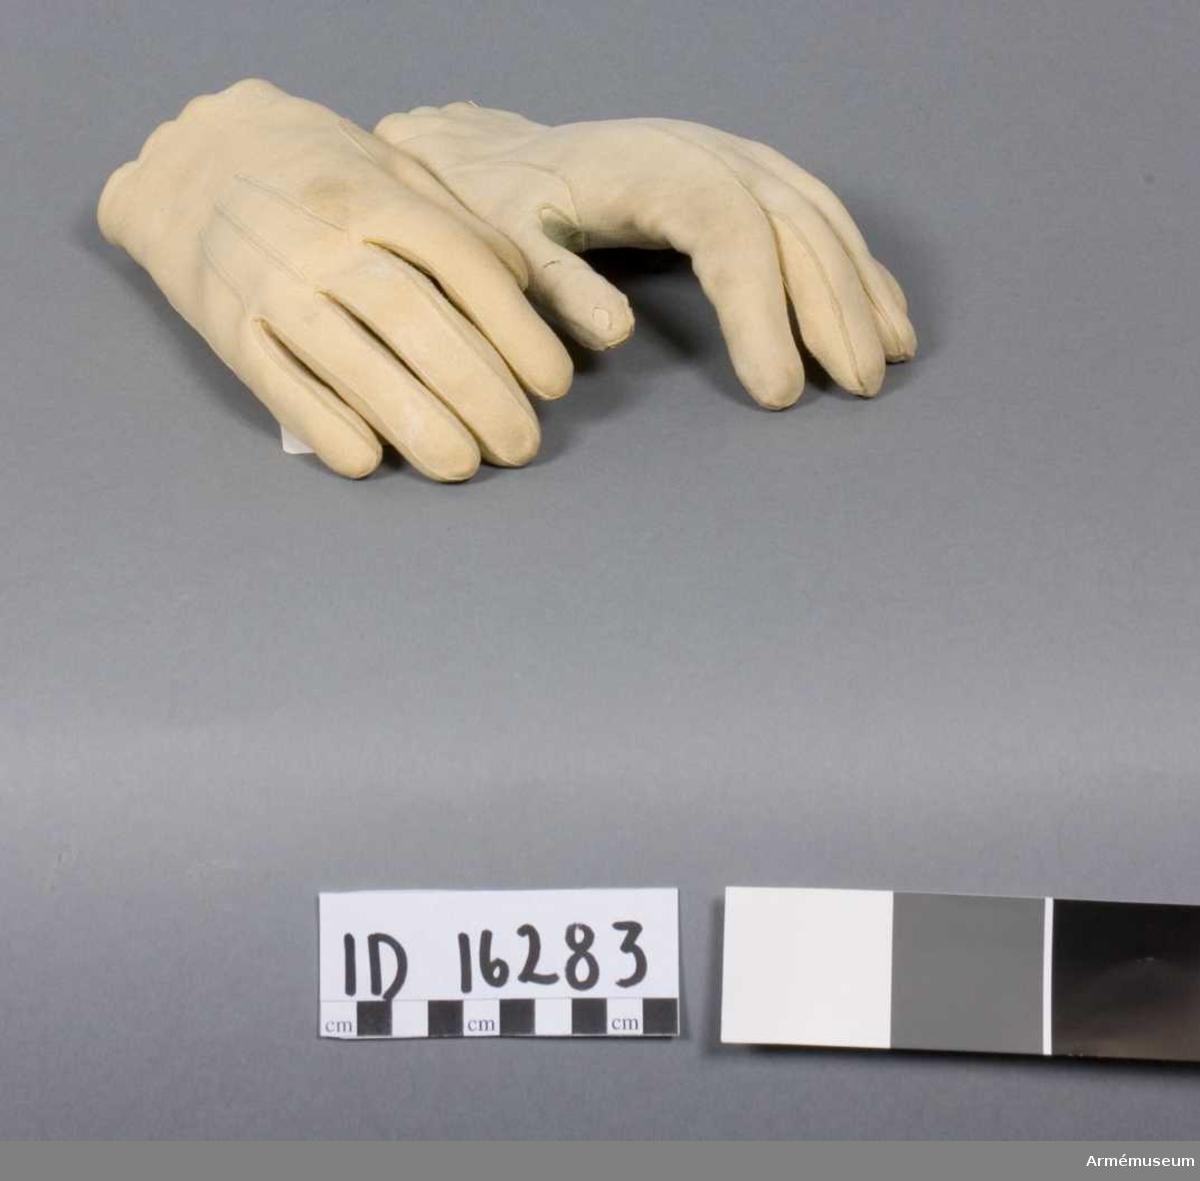 Grupp C 1. Ett par handskar av sämskskinn. Knäpps med en knapp vid varedera handleds undersida.